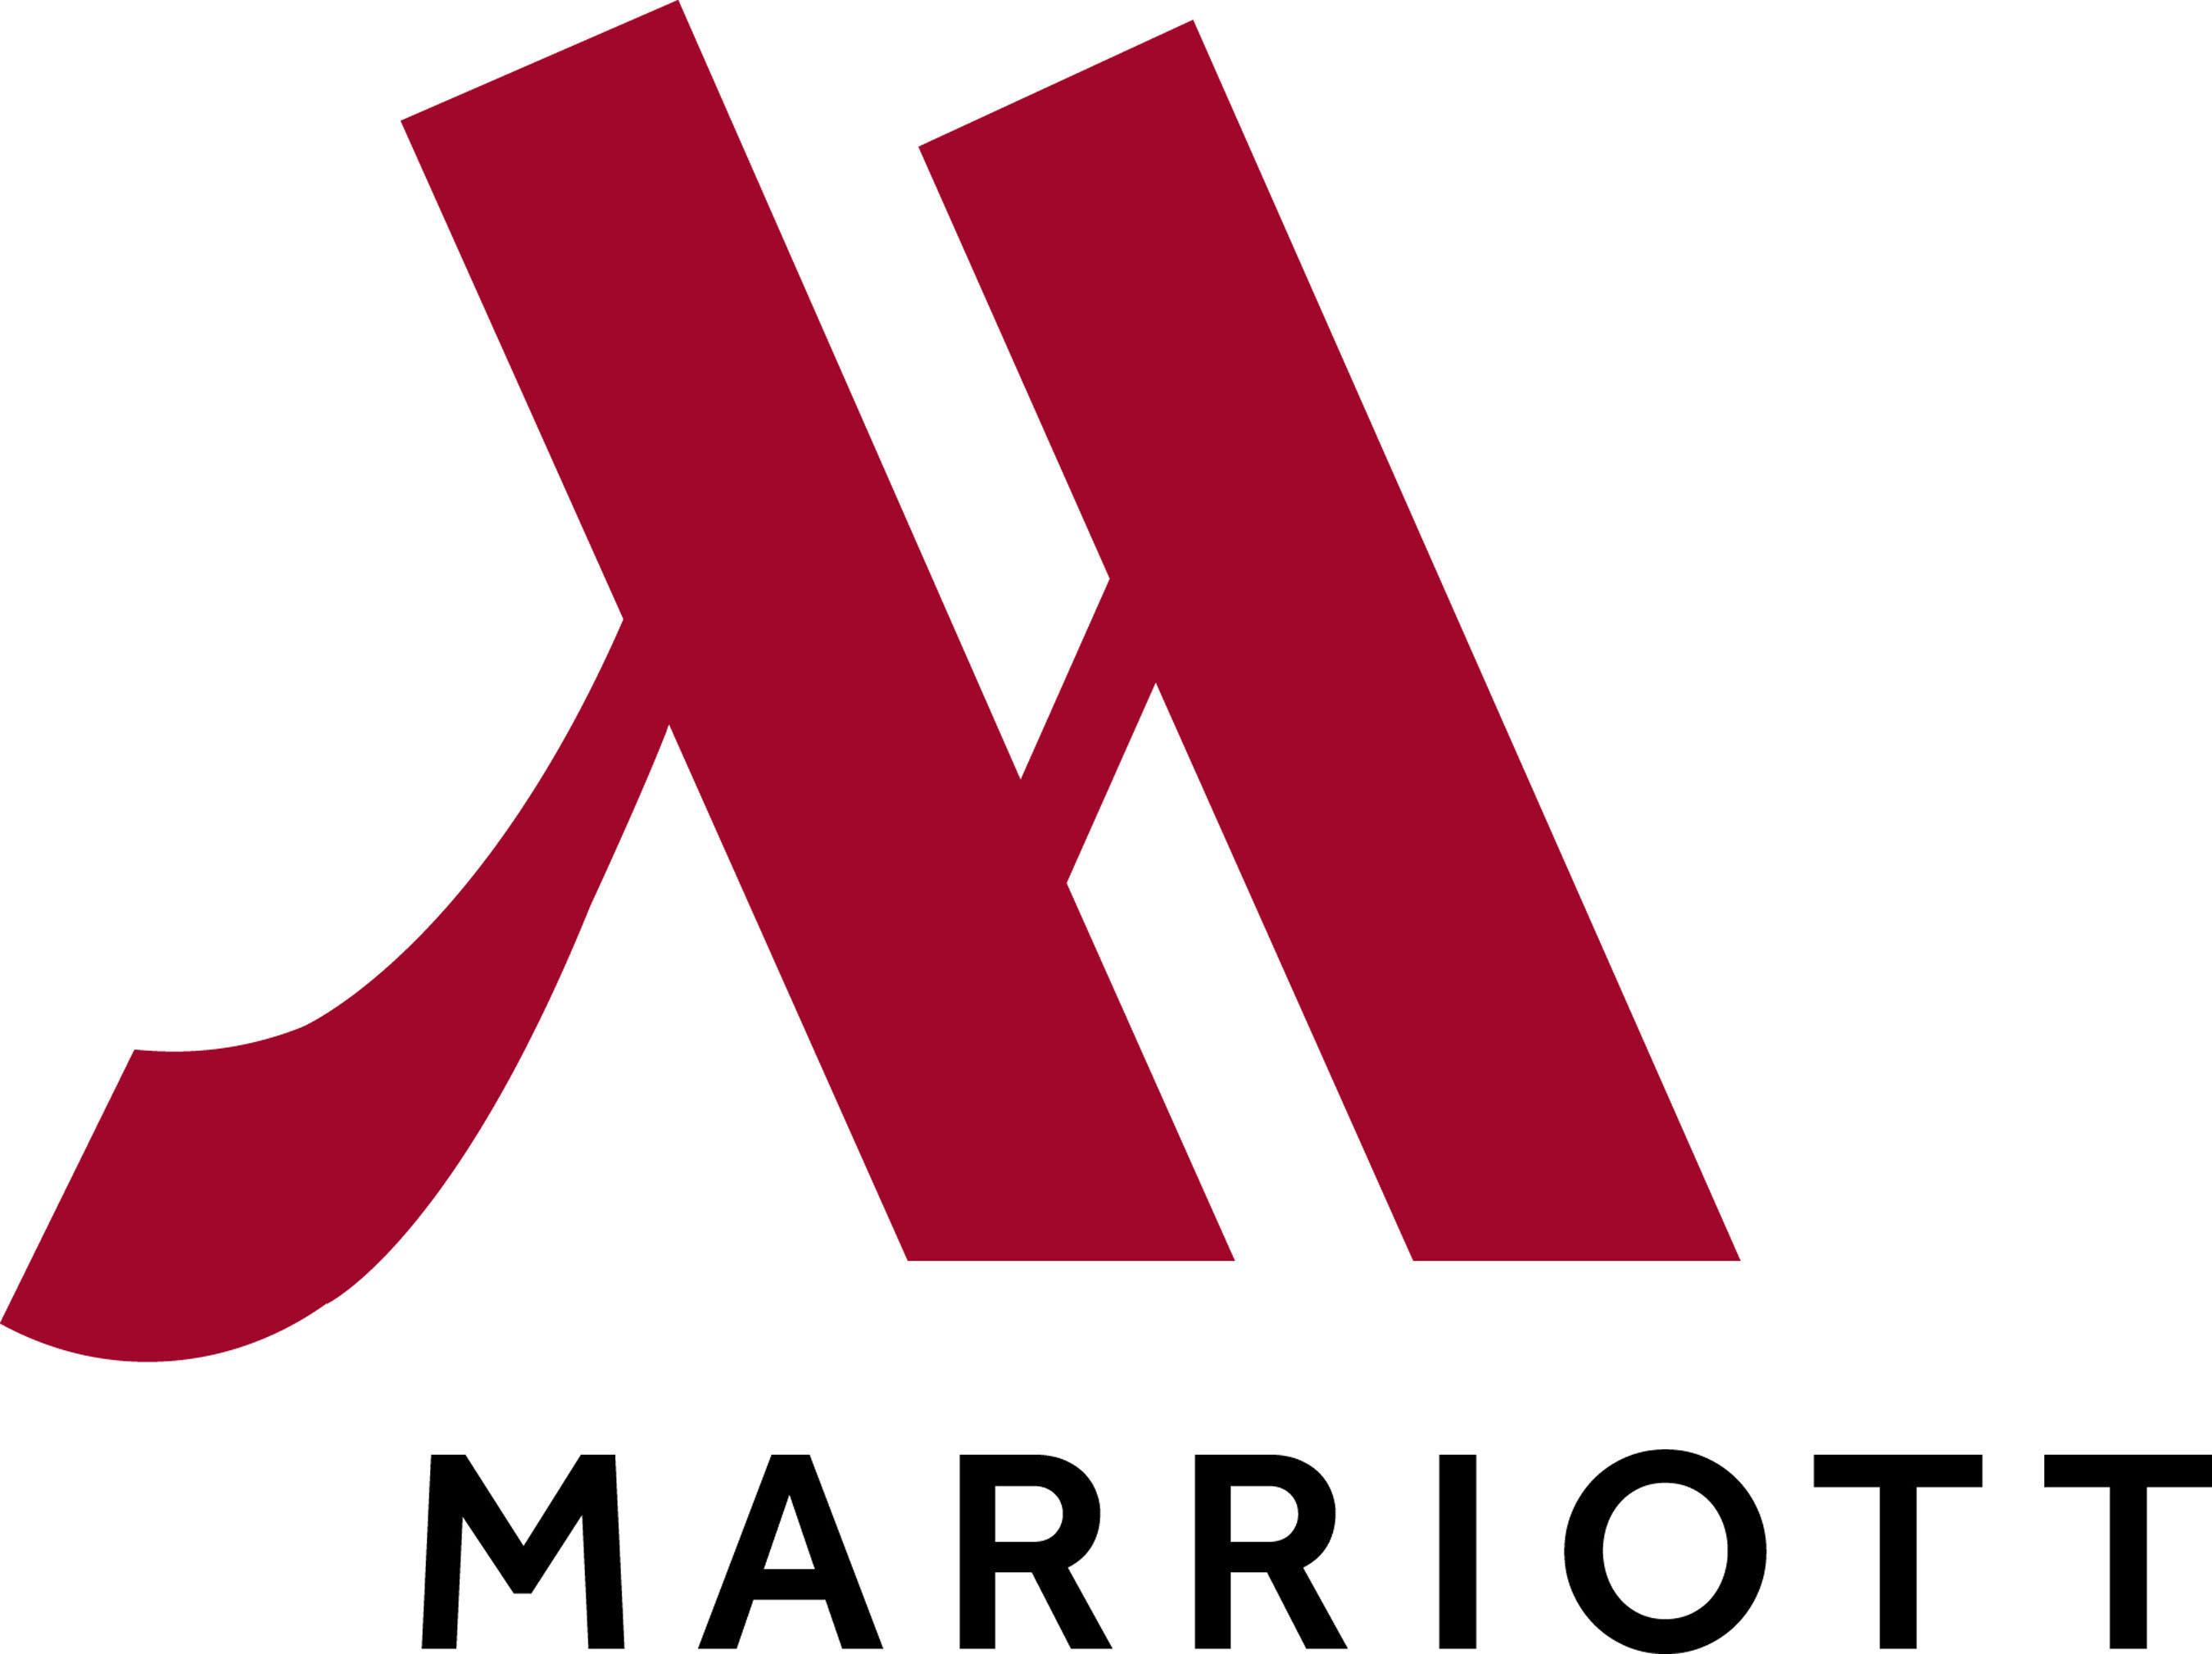 Marriott Hotels & Resorts logo.